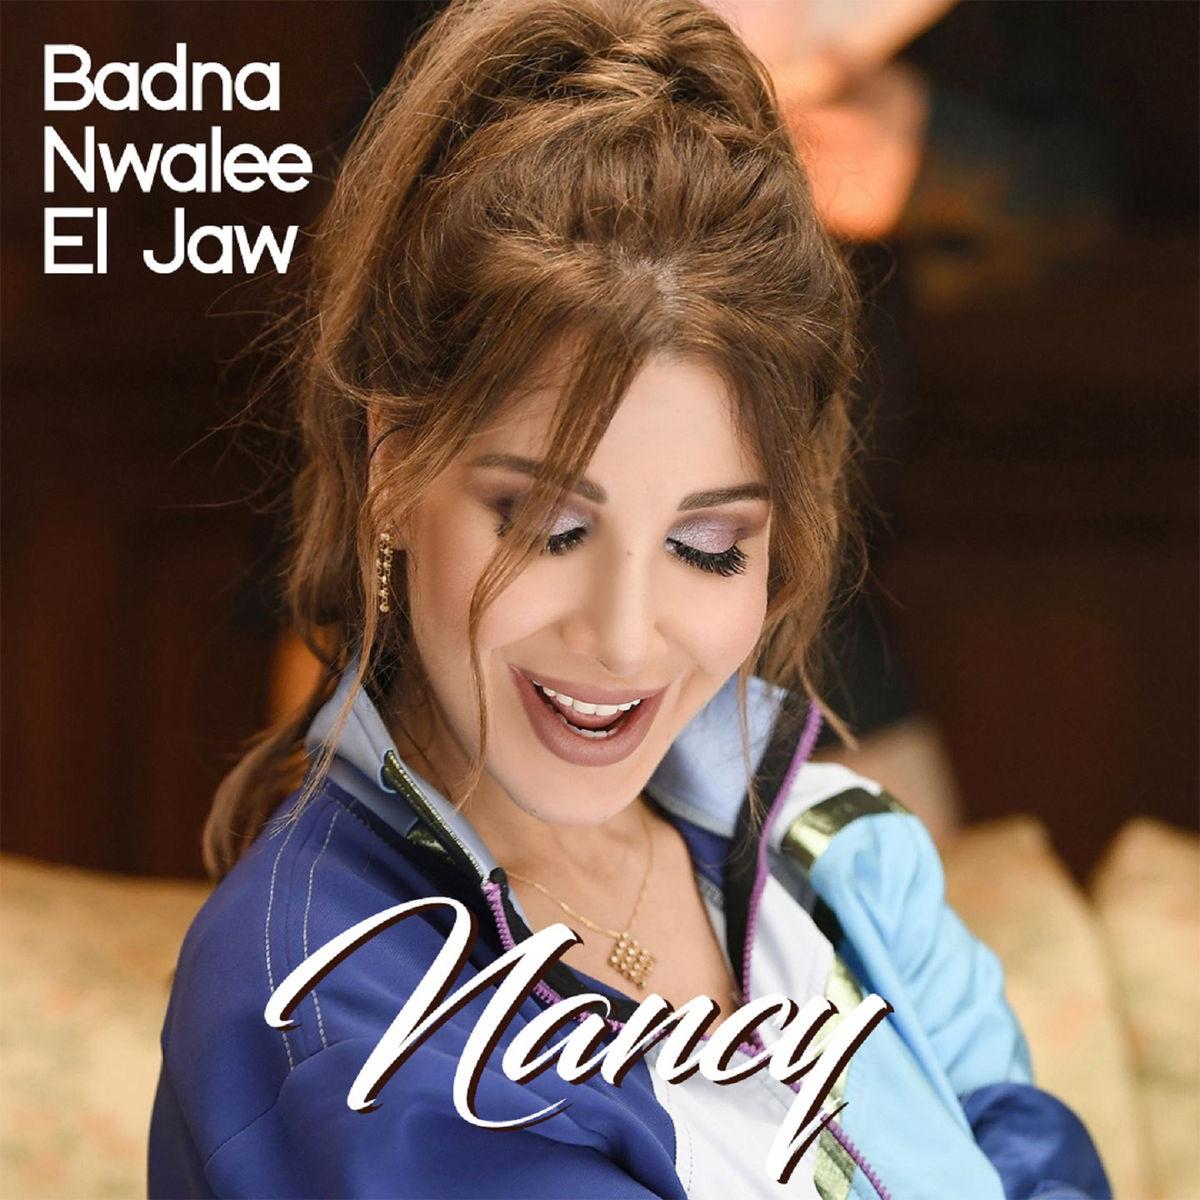 دانلود آهنگ نانسی عجرم به نام بدنا نولع الجو